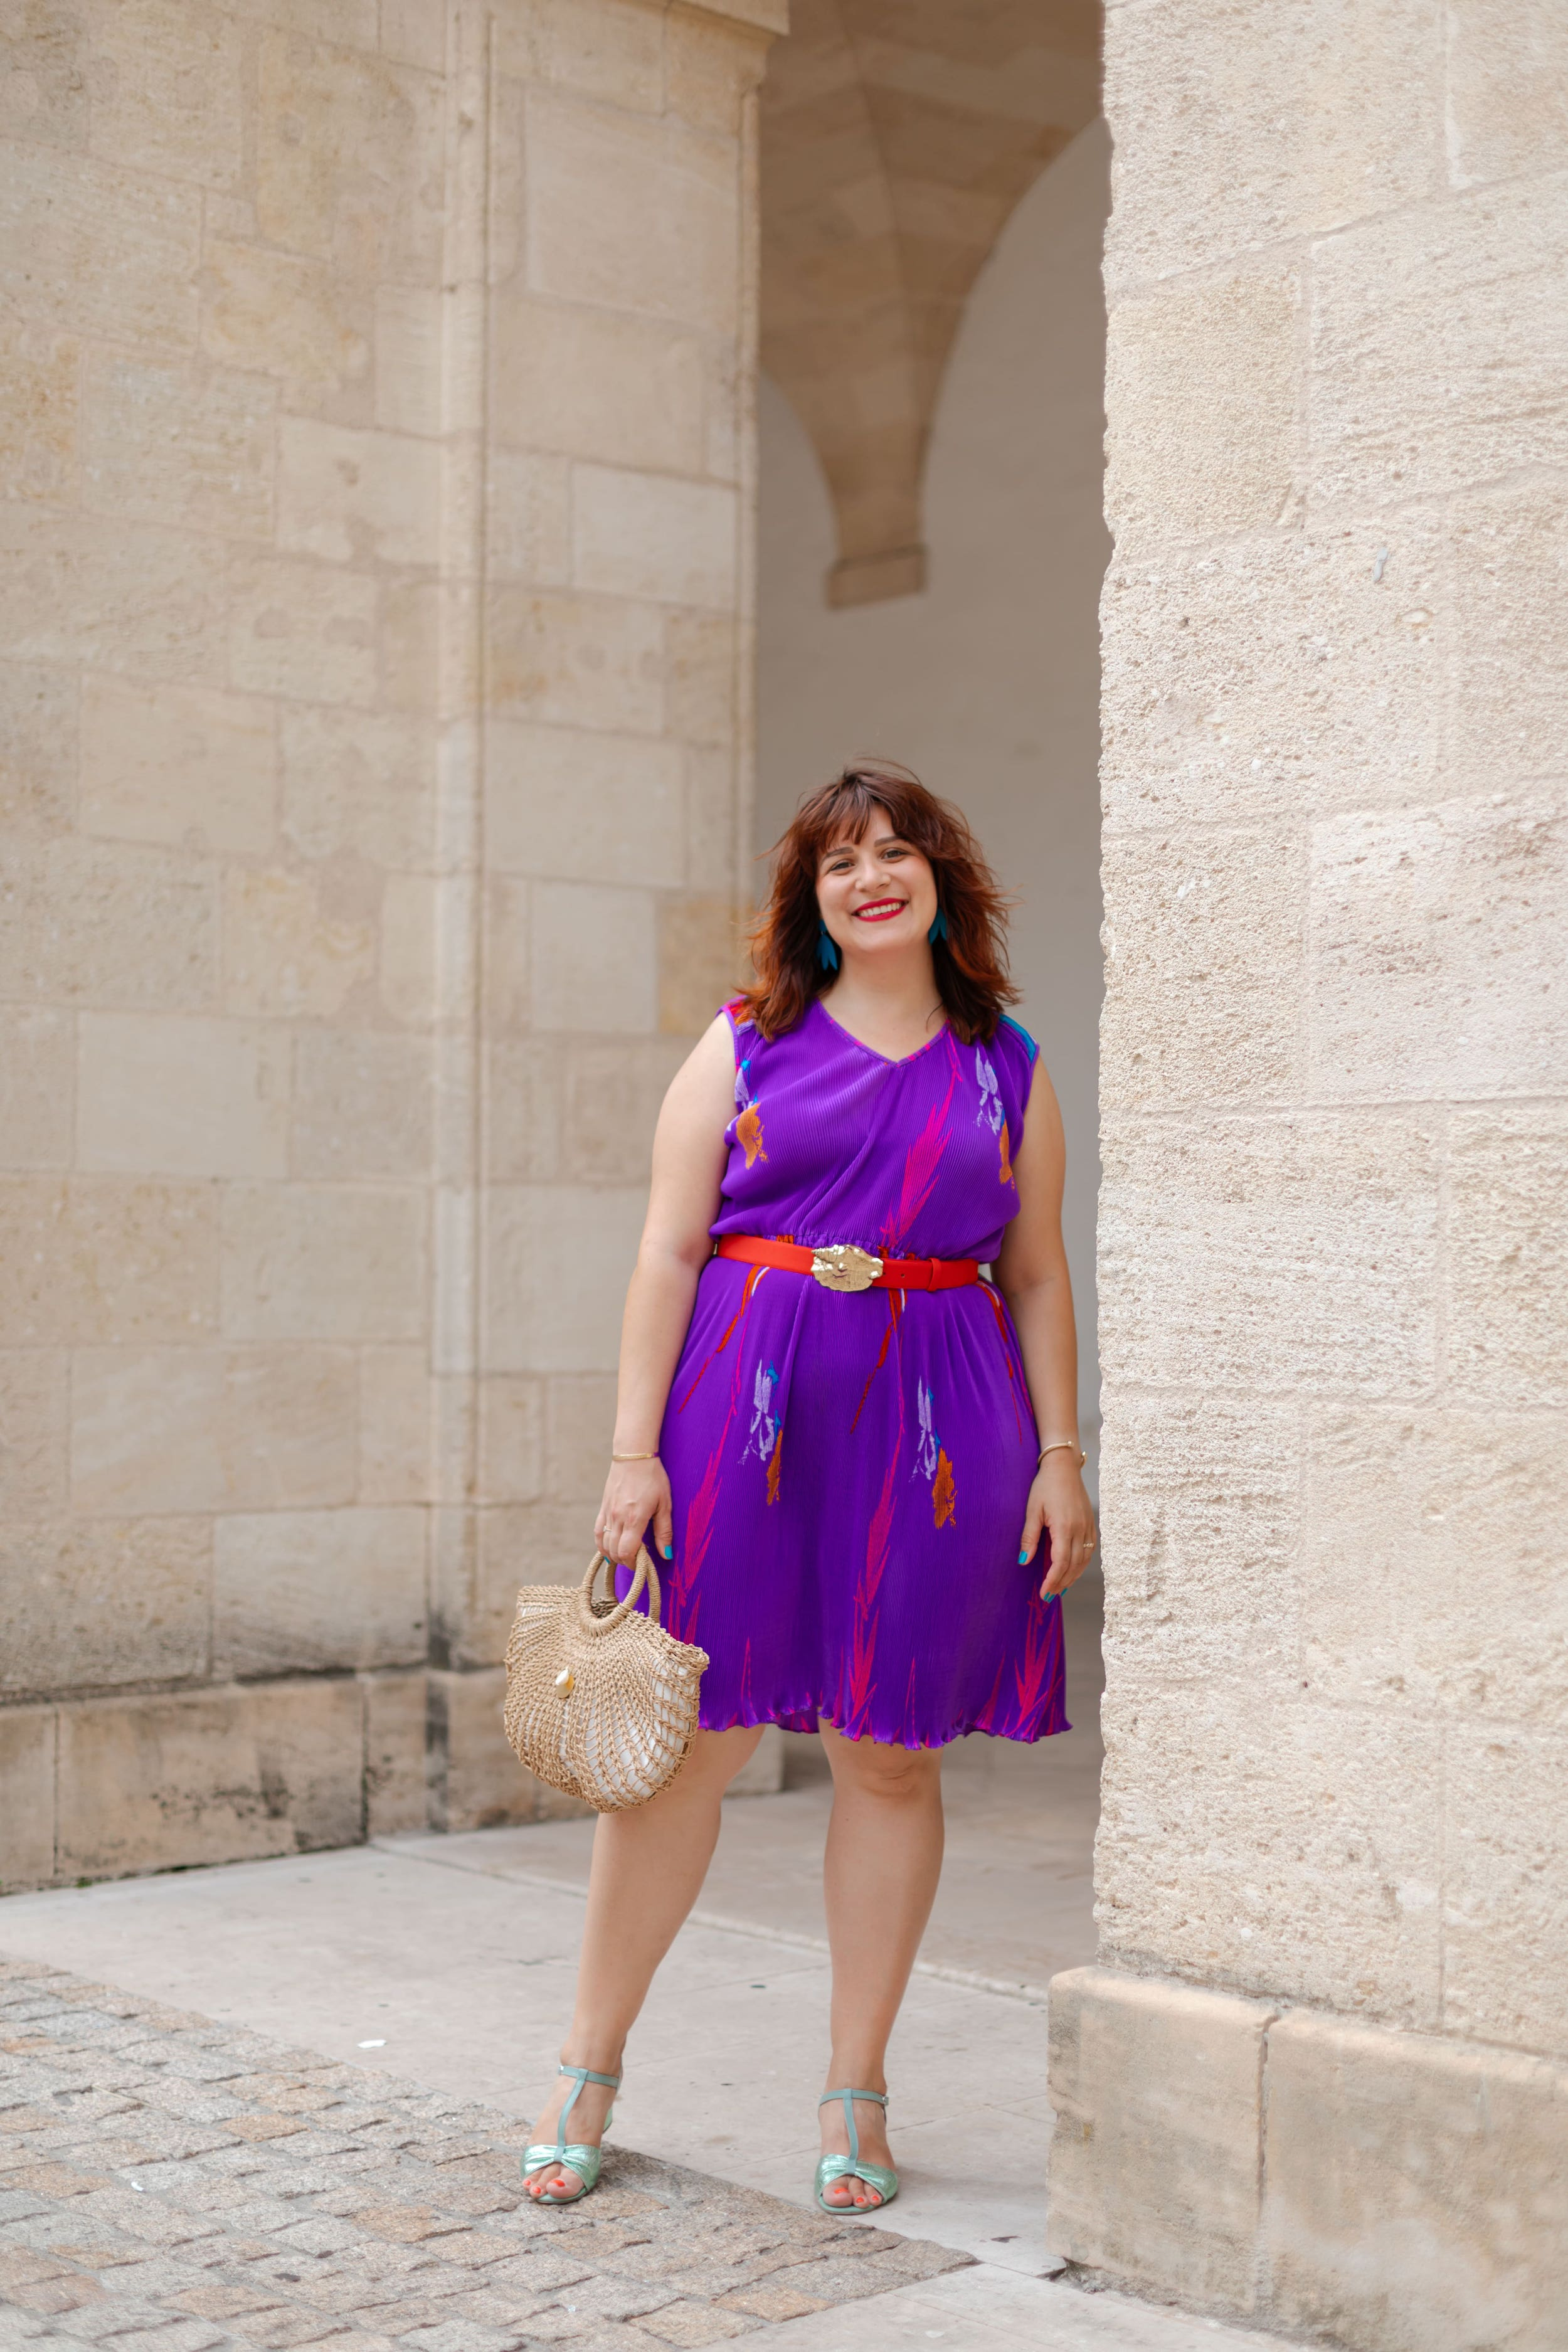 robe-violette-vintage